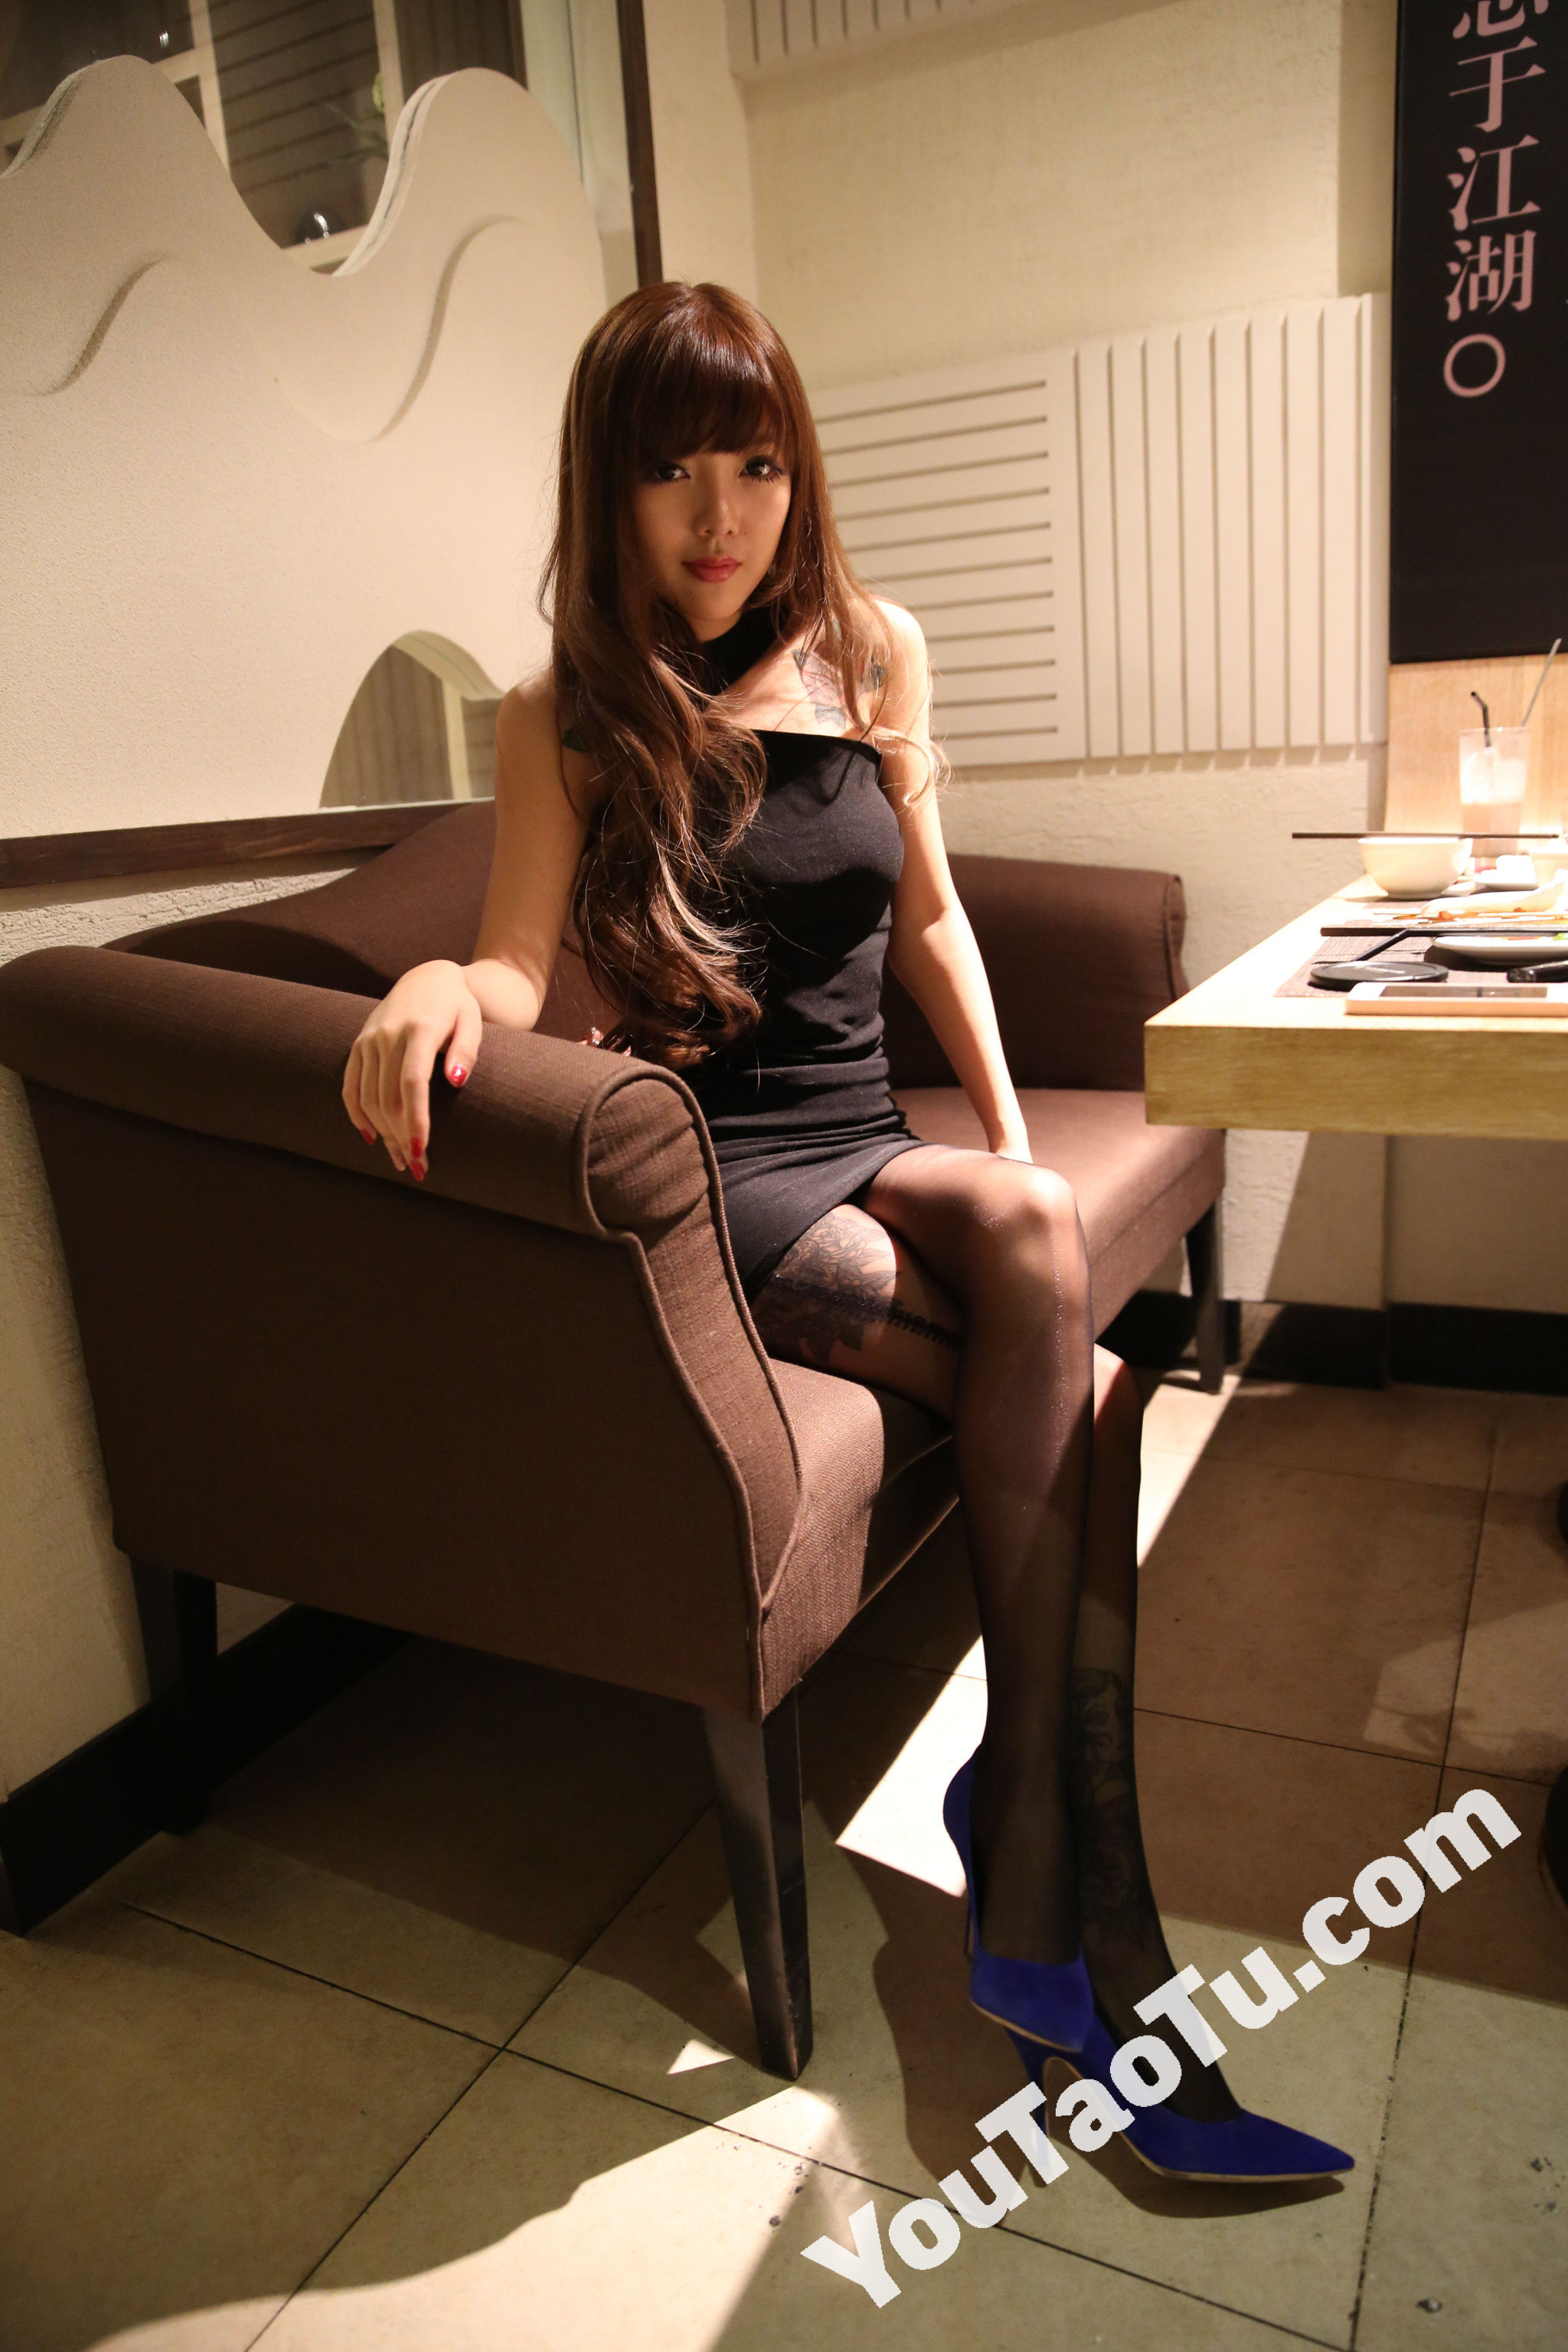 ZZ04_1868图 美腿带纹身好身材美女生活照素材套图-4